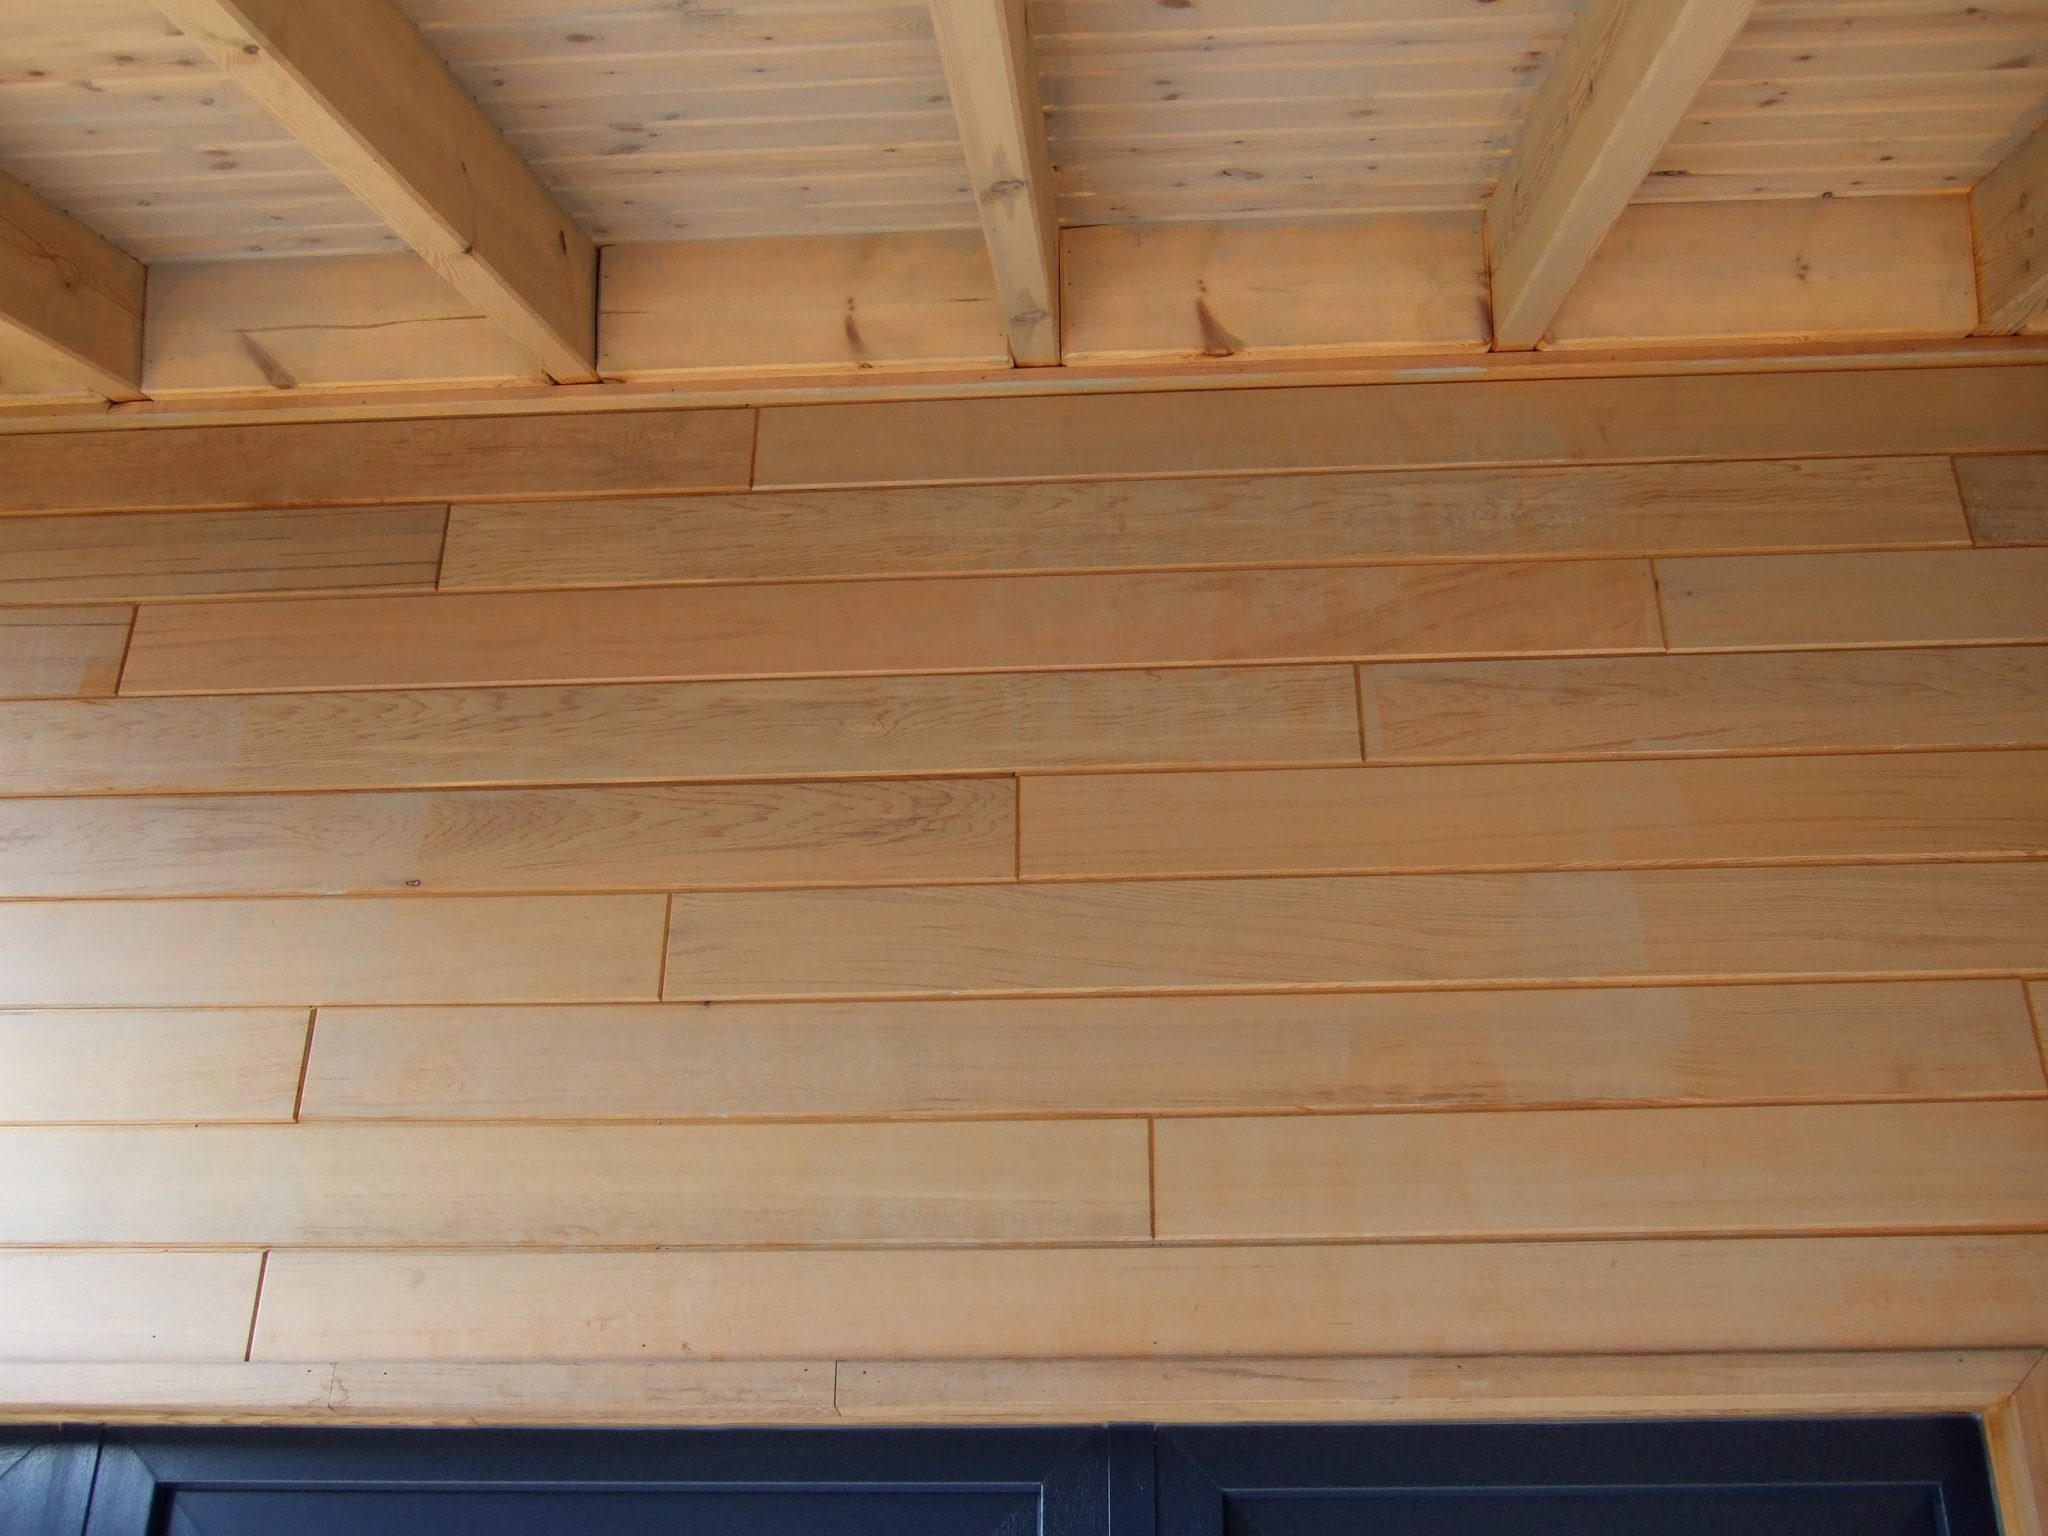 binnenzijde - gerenoveerd dak